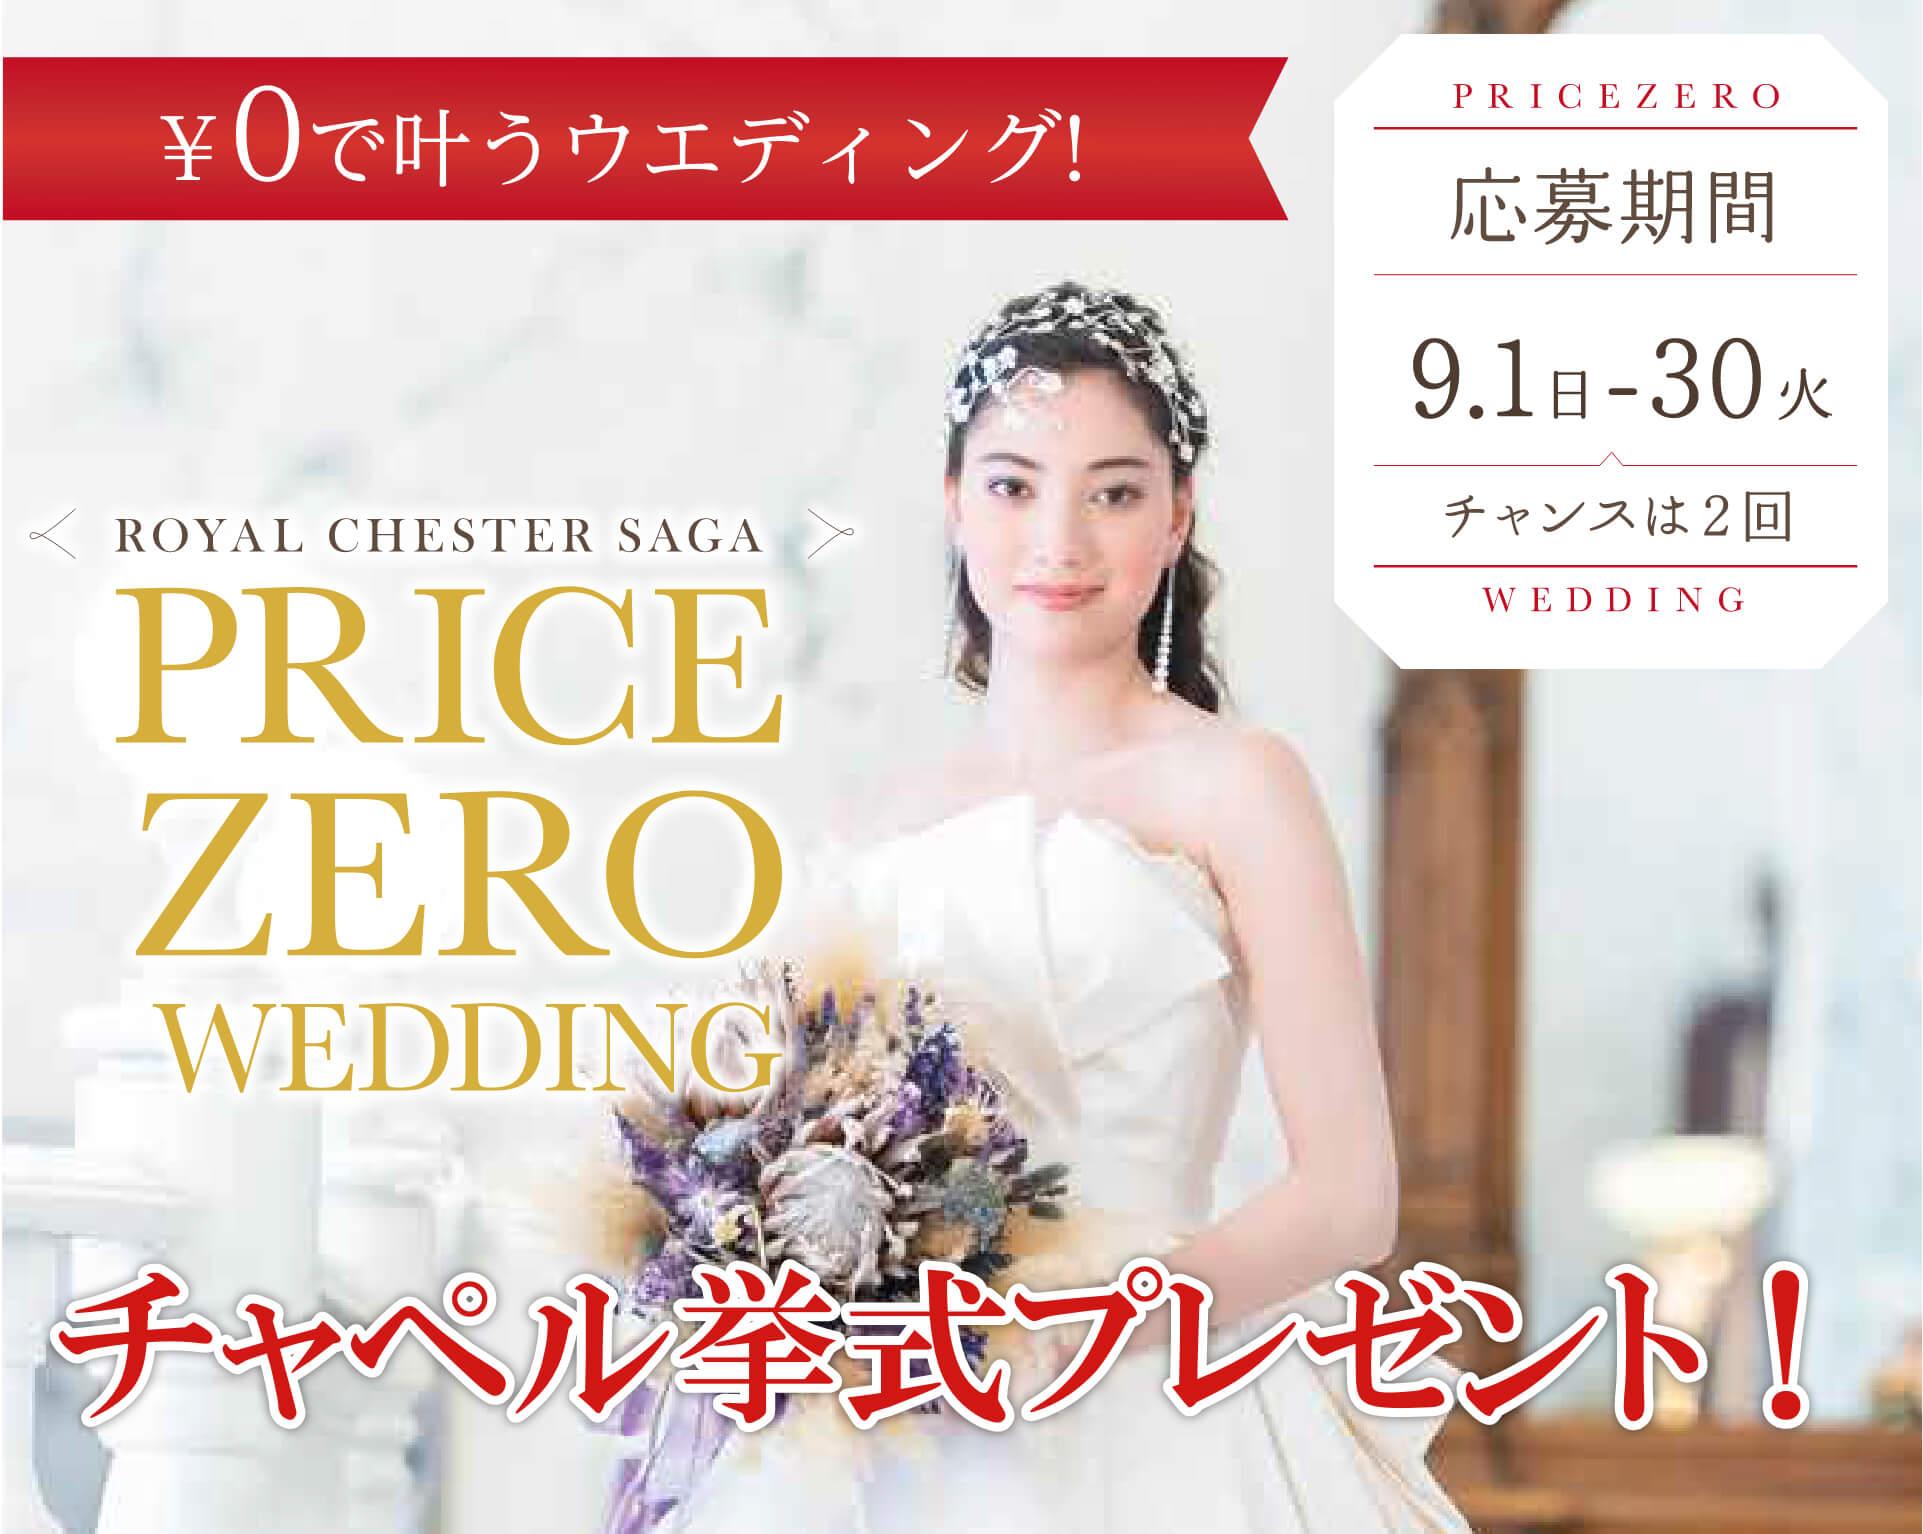 PRICE ZERO WEDDING